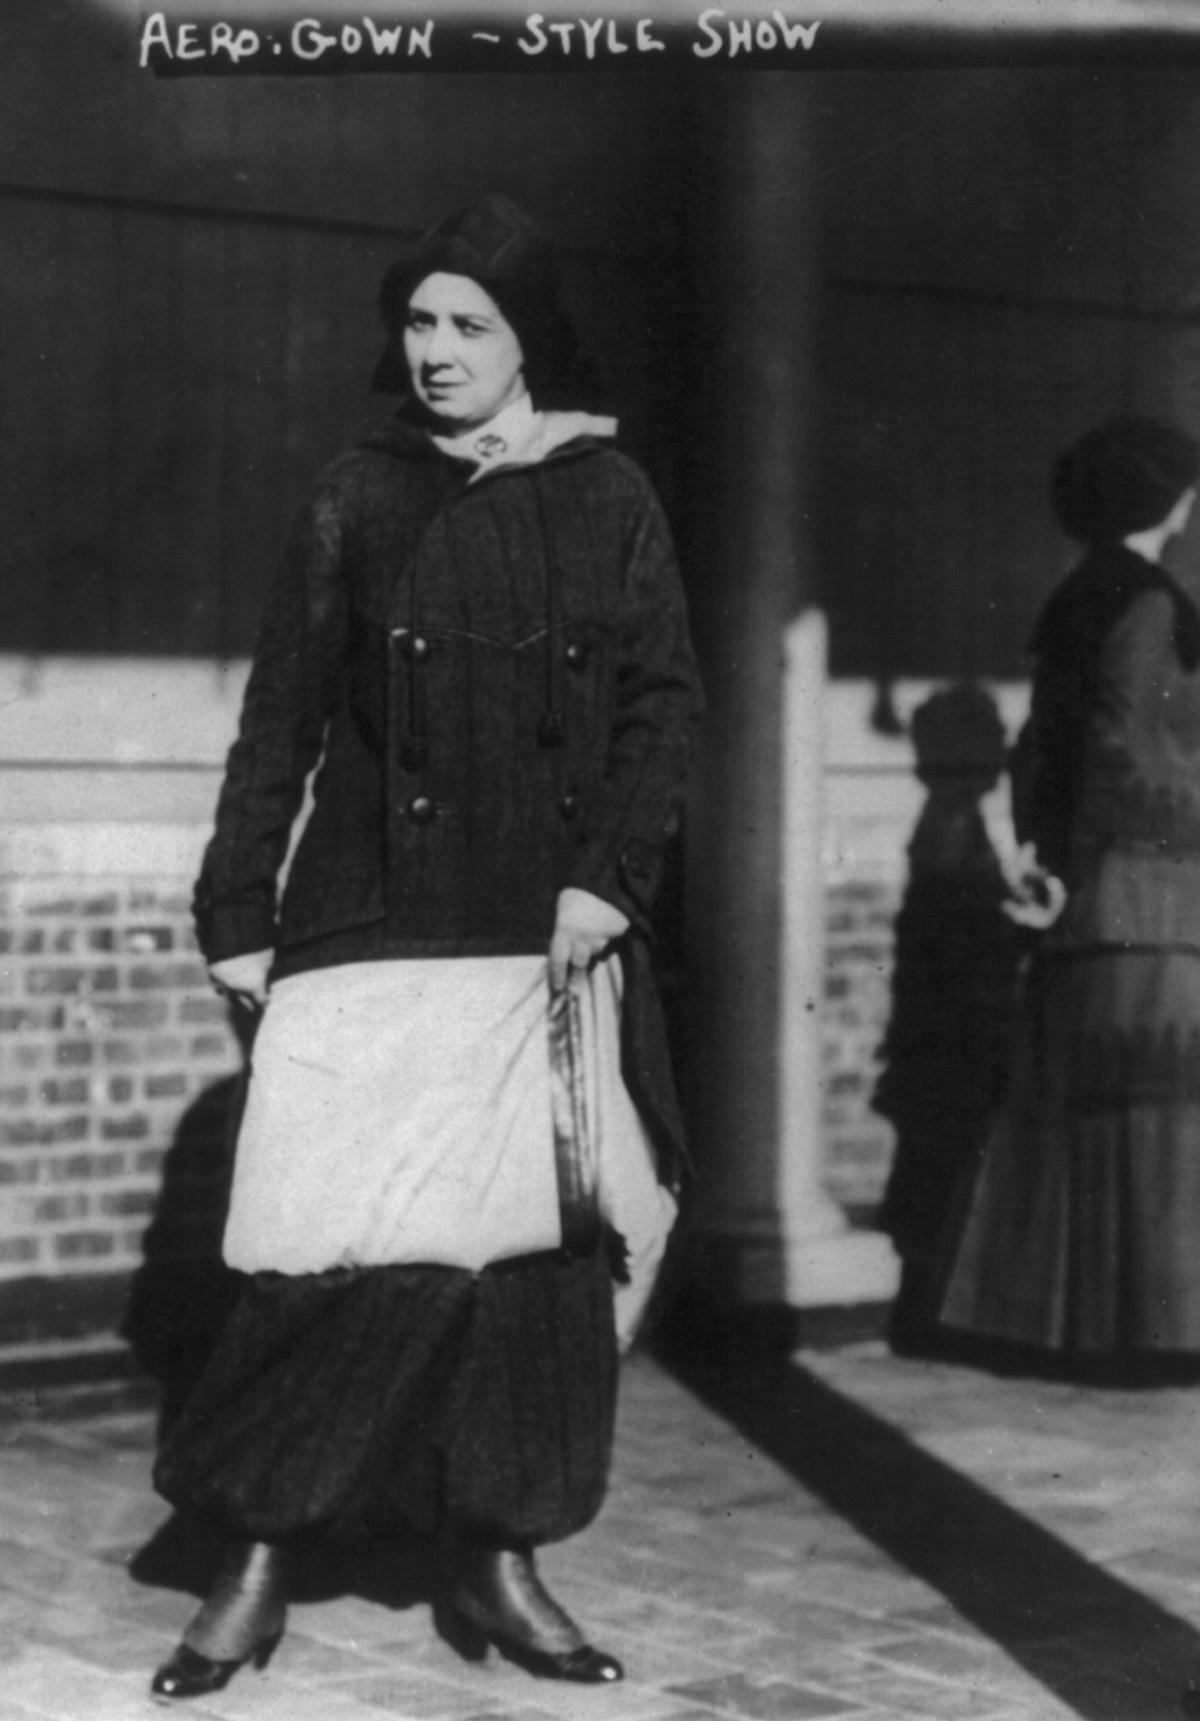 aero gown 1910